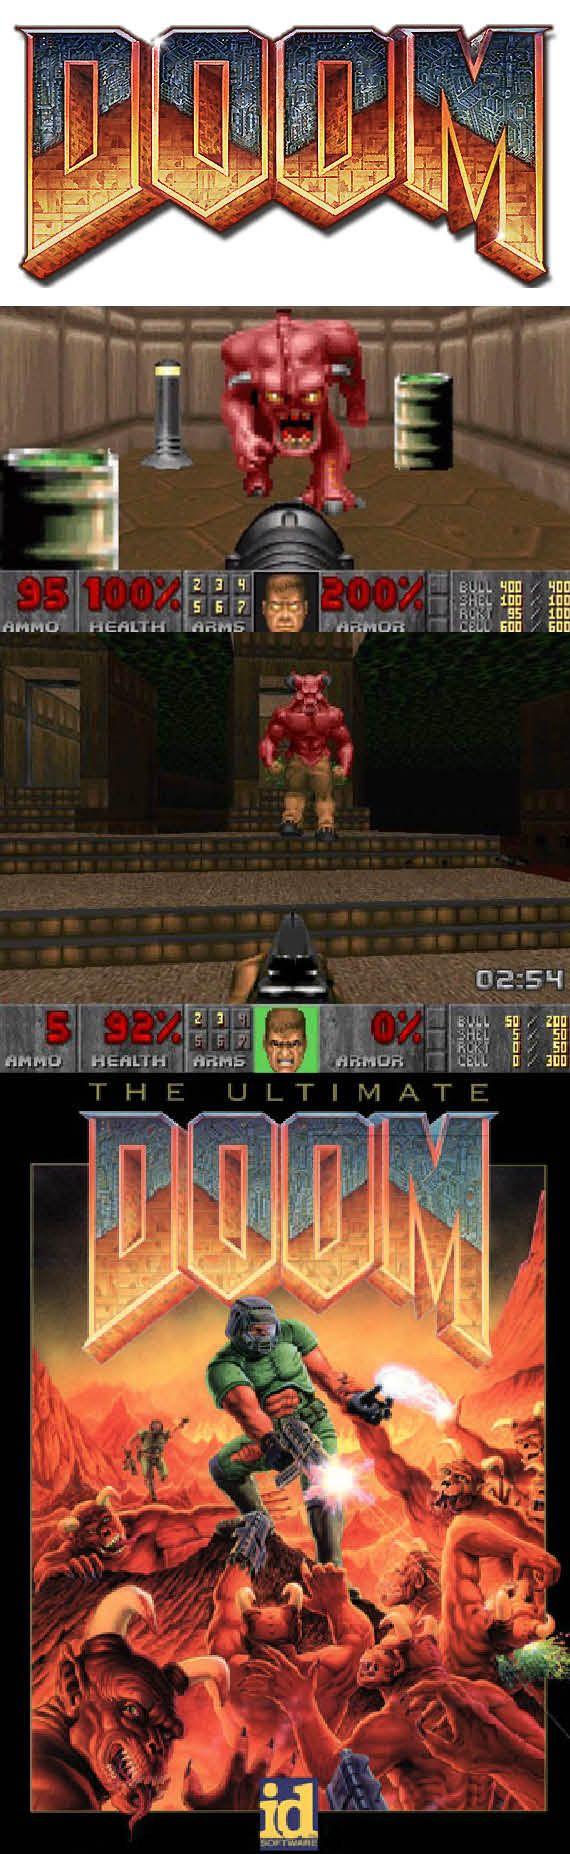 20 best doom images on pinterest videogames doom game and game art